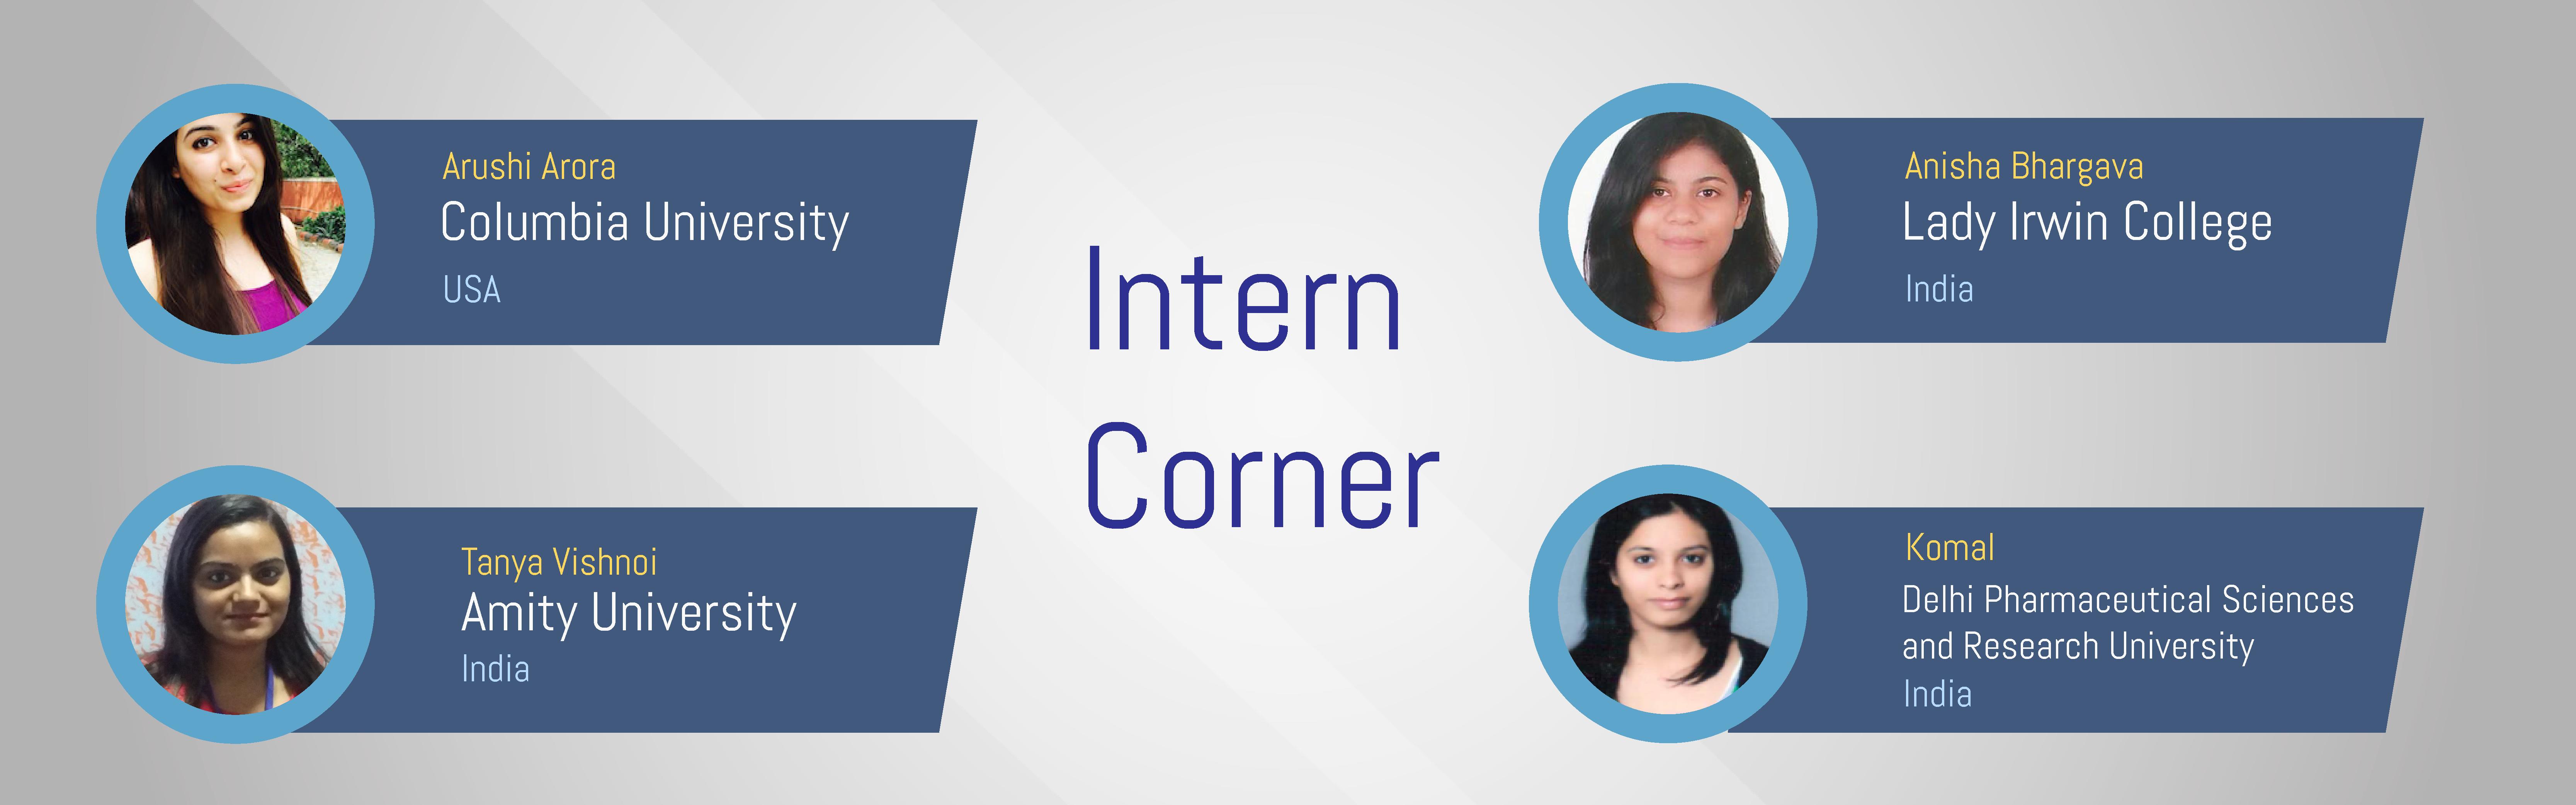 Interns Corner